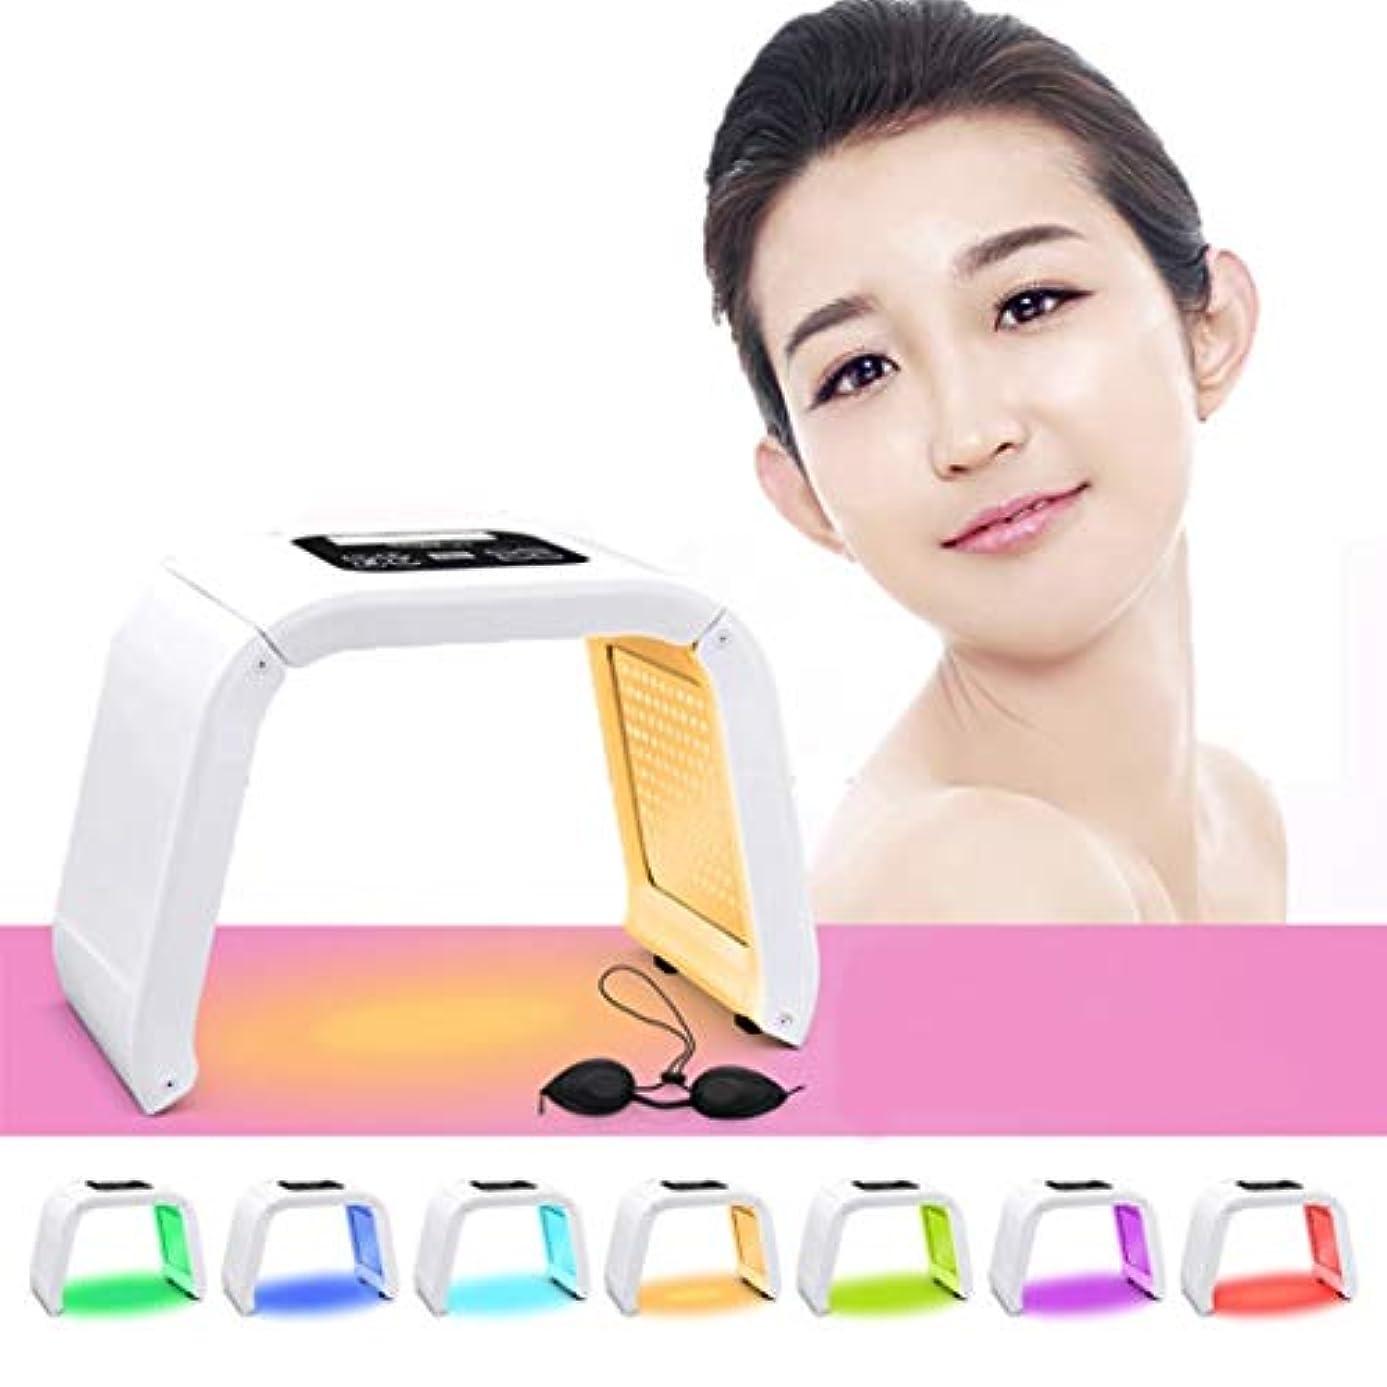 あごはっきりしない遺棄された若返りLED機器を皮膚、7色のLEDライトポータブル光子PDTにきび治療しわ除去健康な肌の若返りコラーゲンのためのアンチエイジング